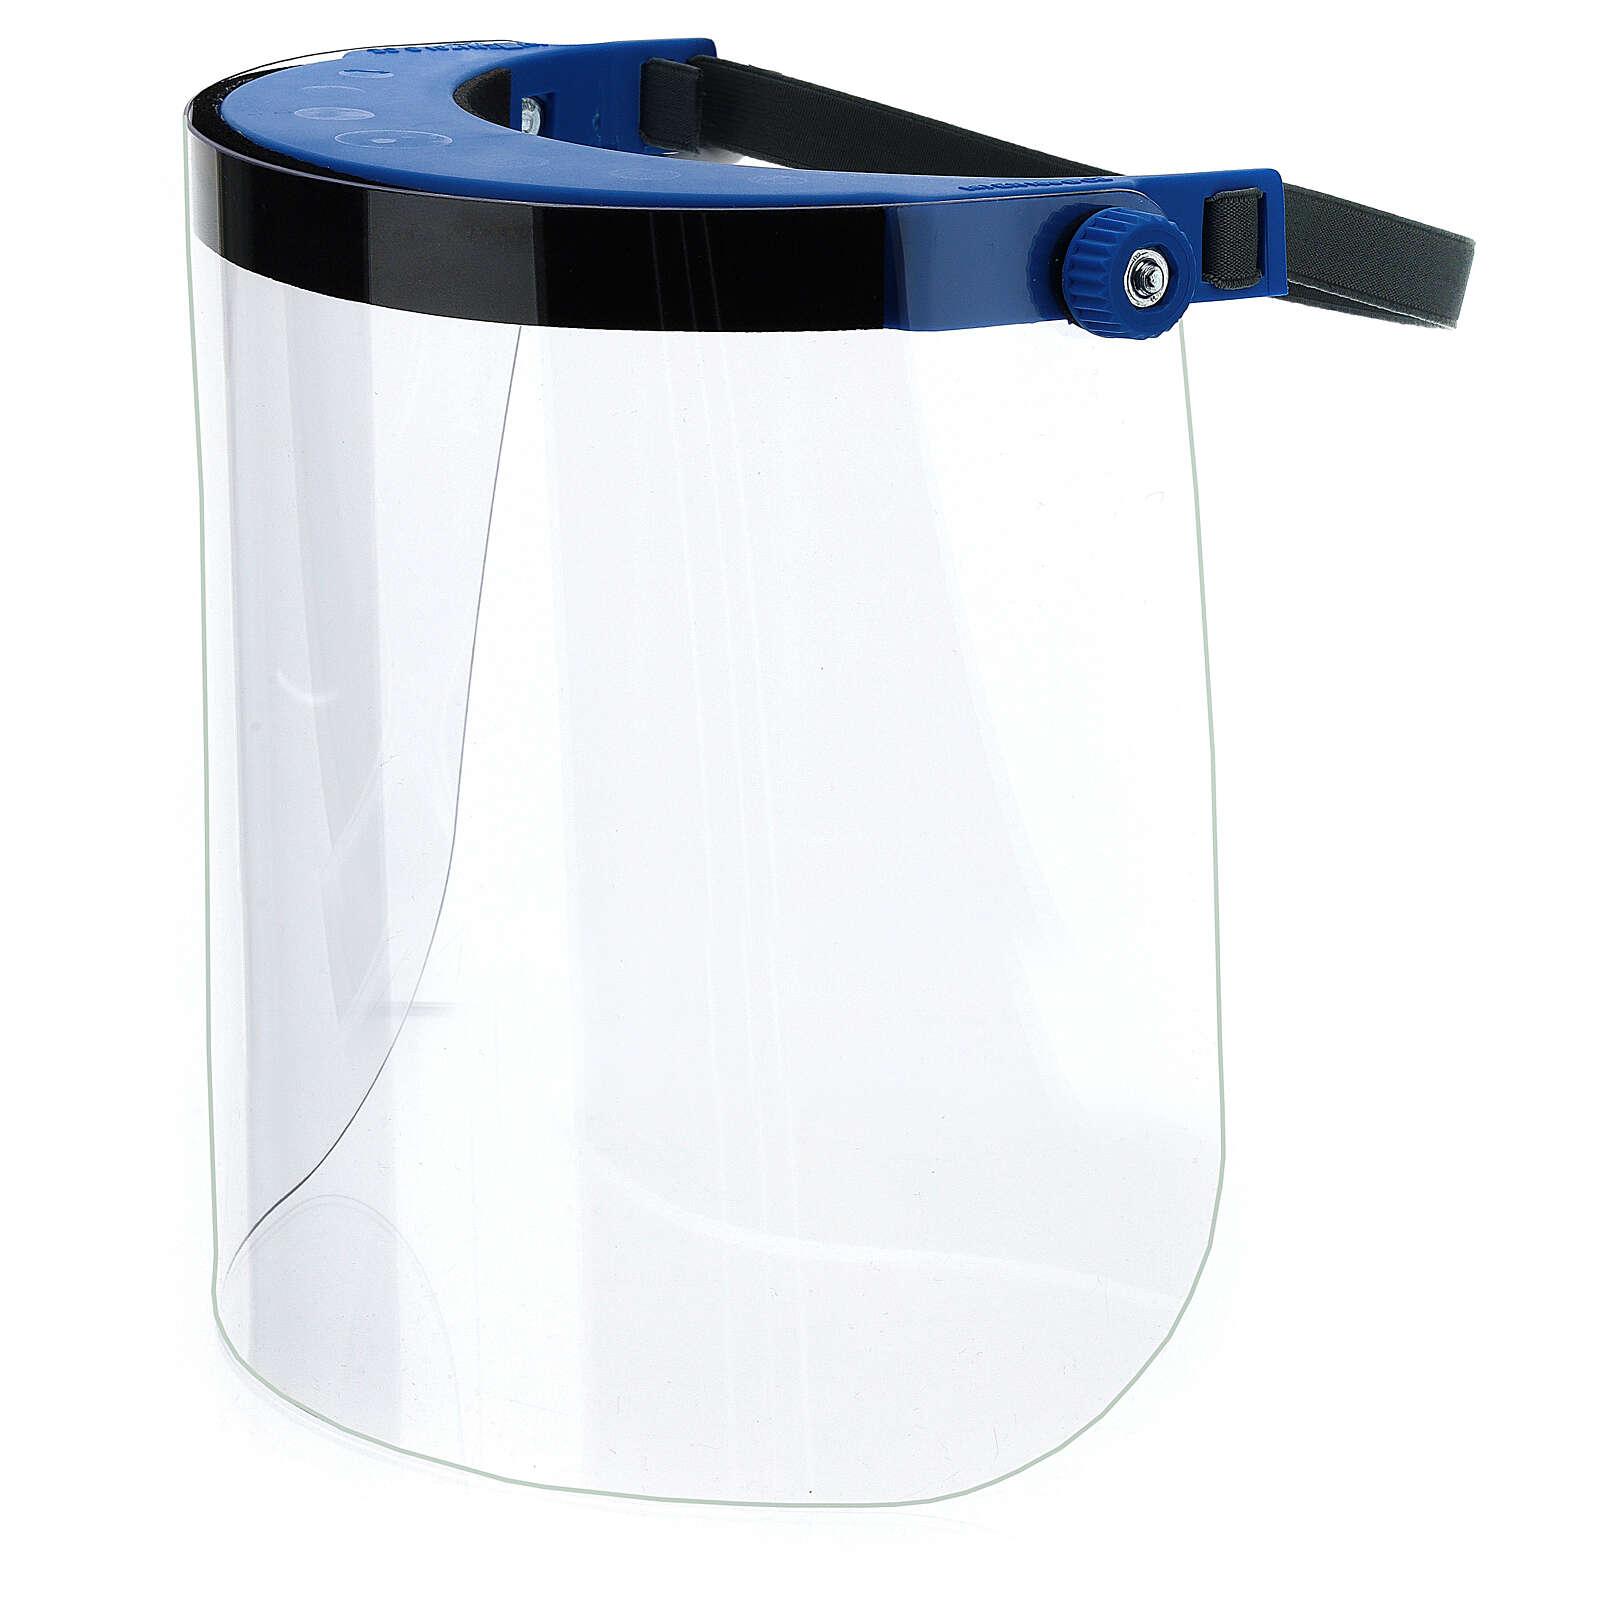 Visiera Protettiva in plastica trasparente anti-contagio 3